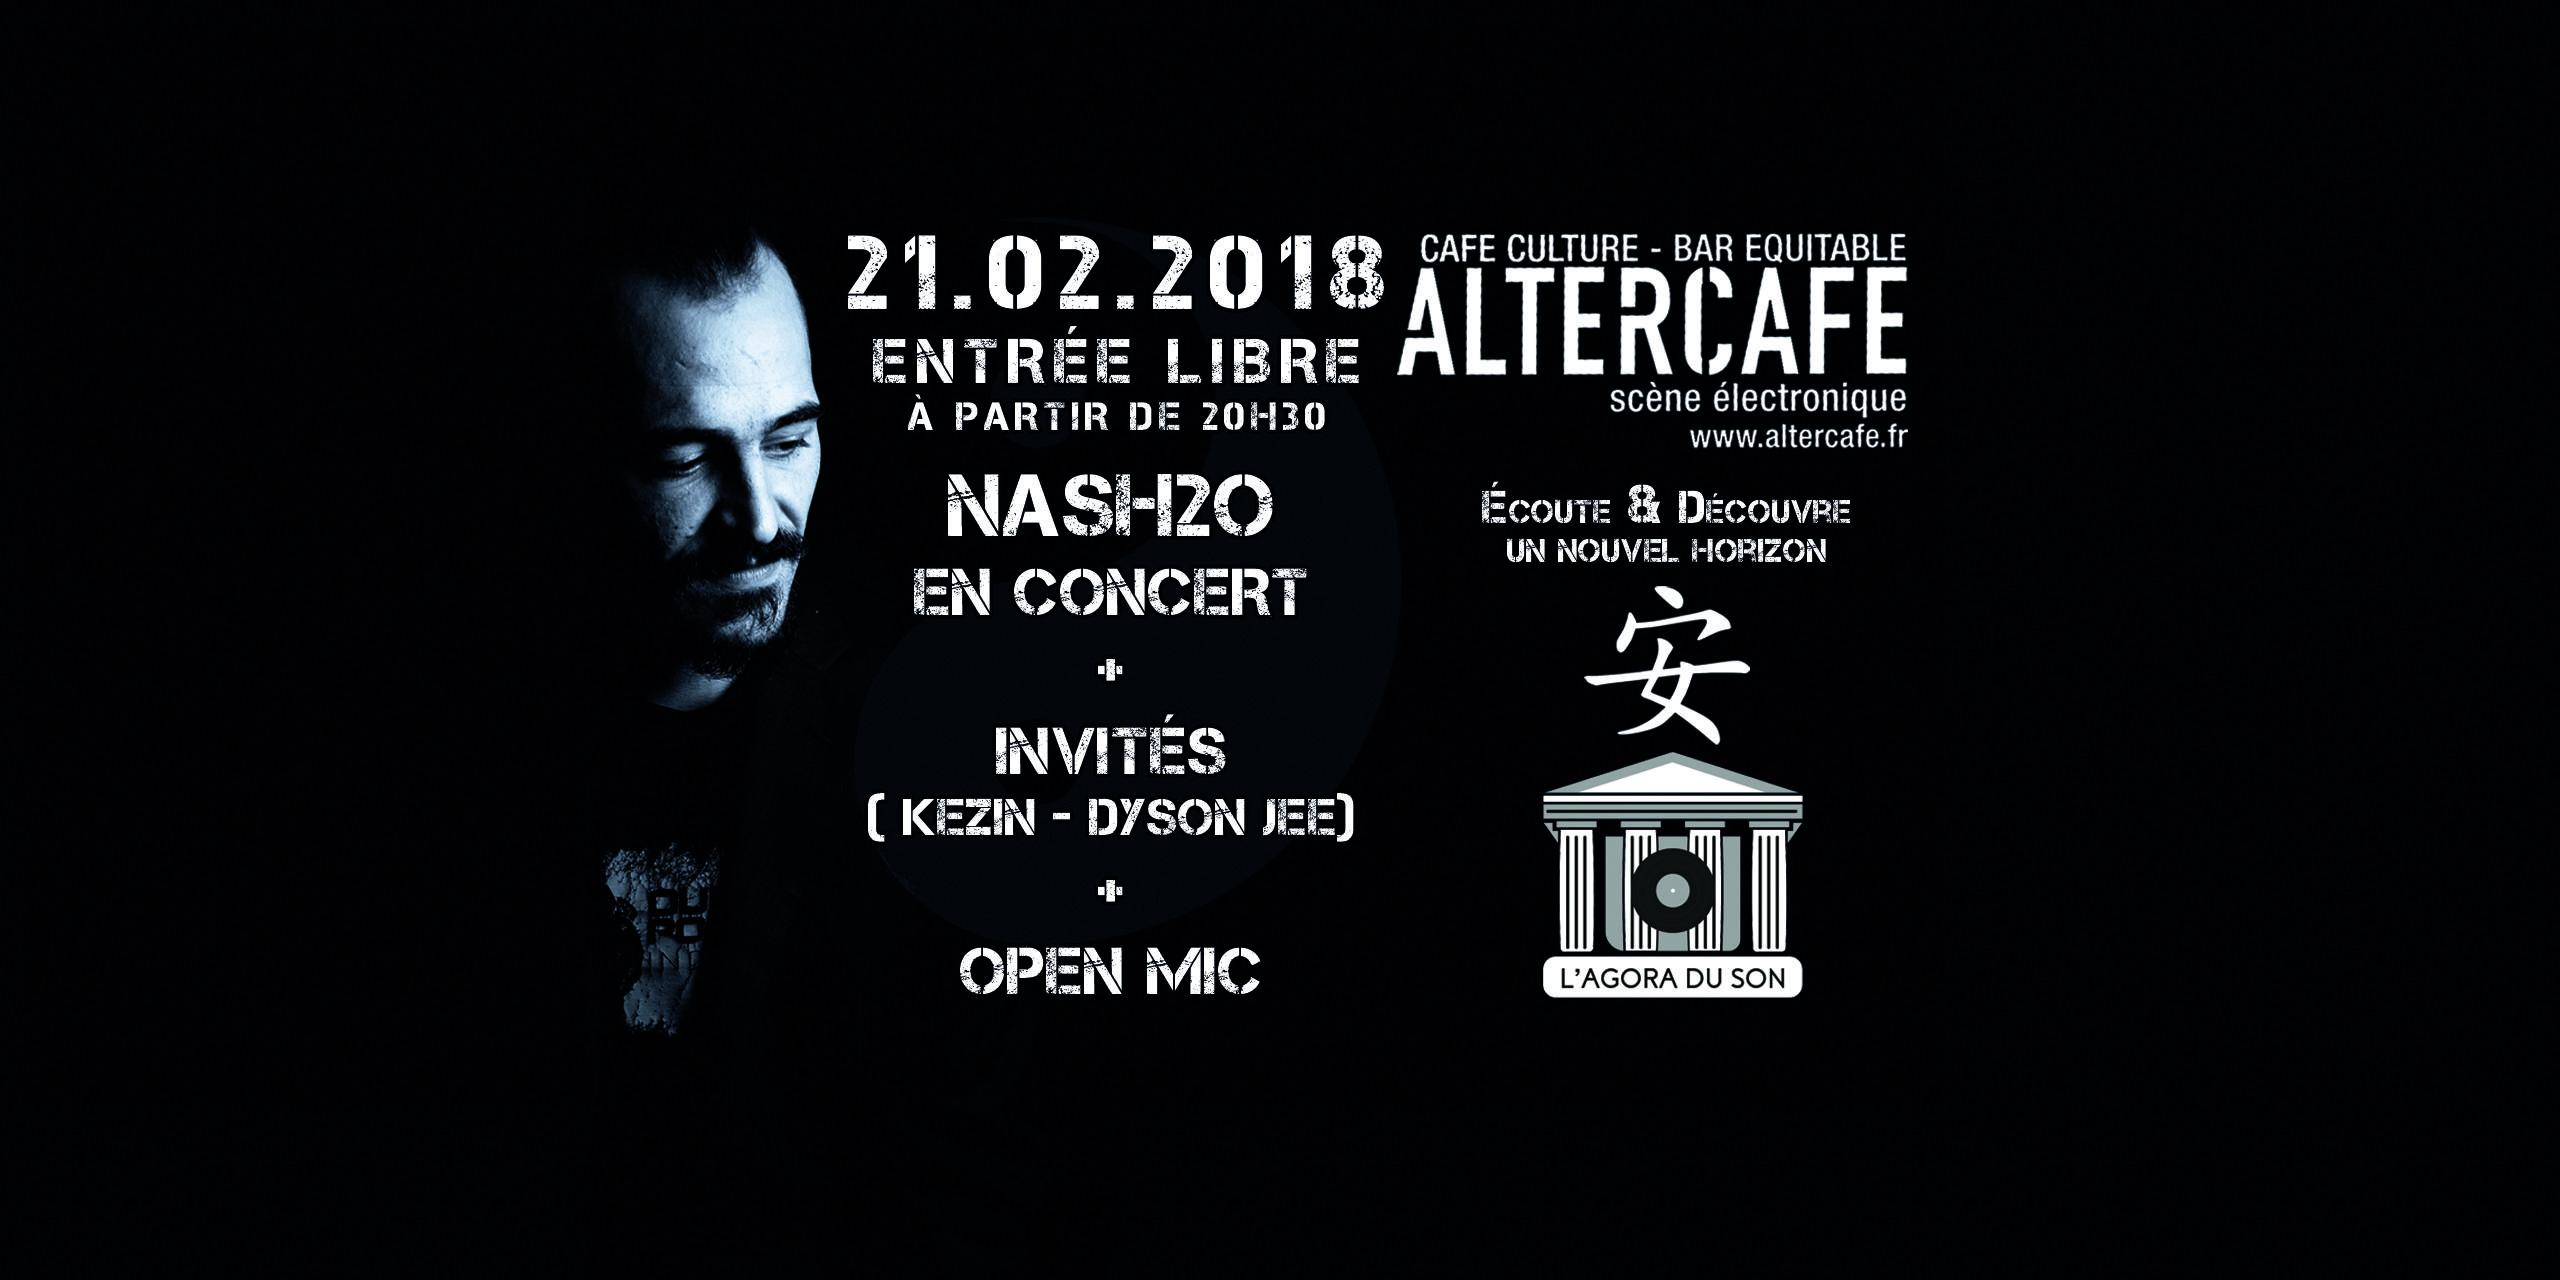 Nash2o en concert + Invités + Open MIC (Agora